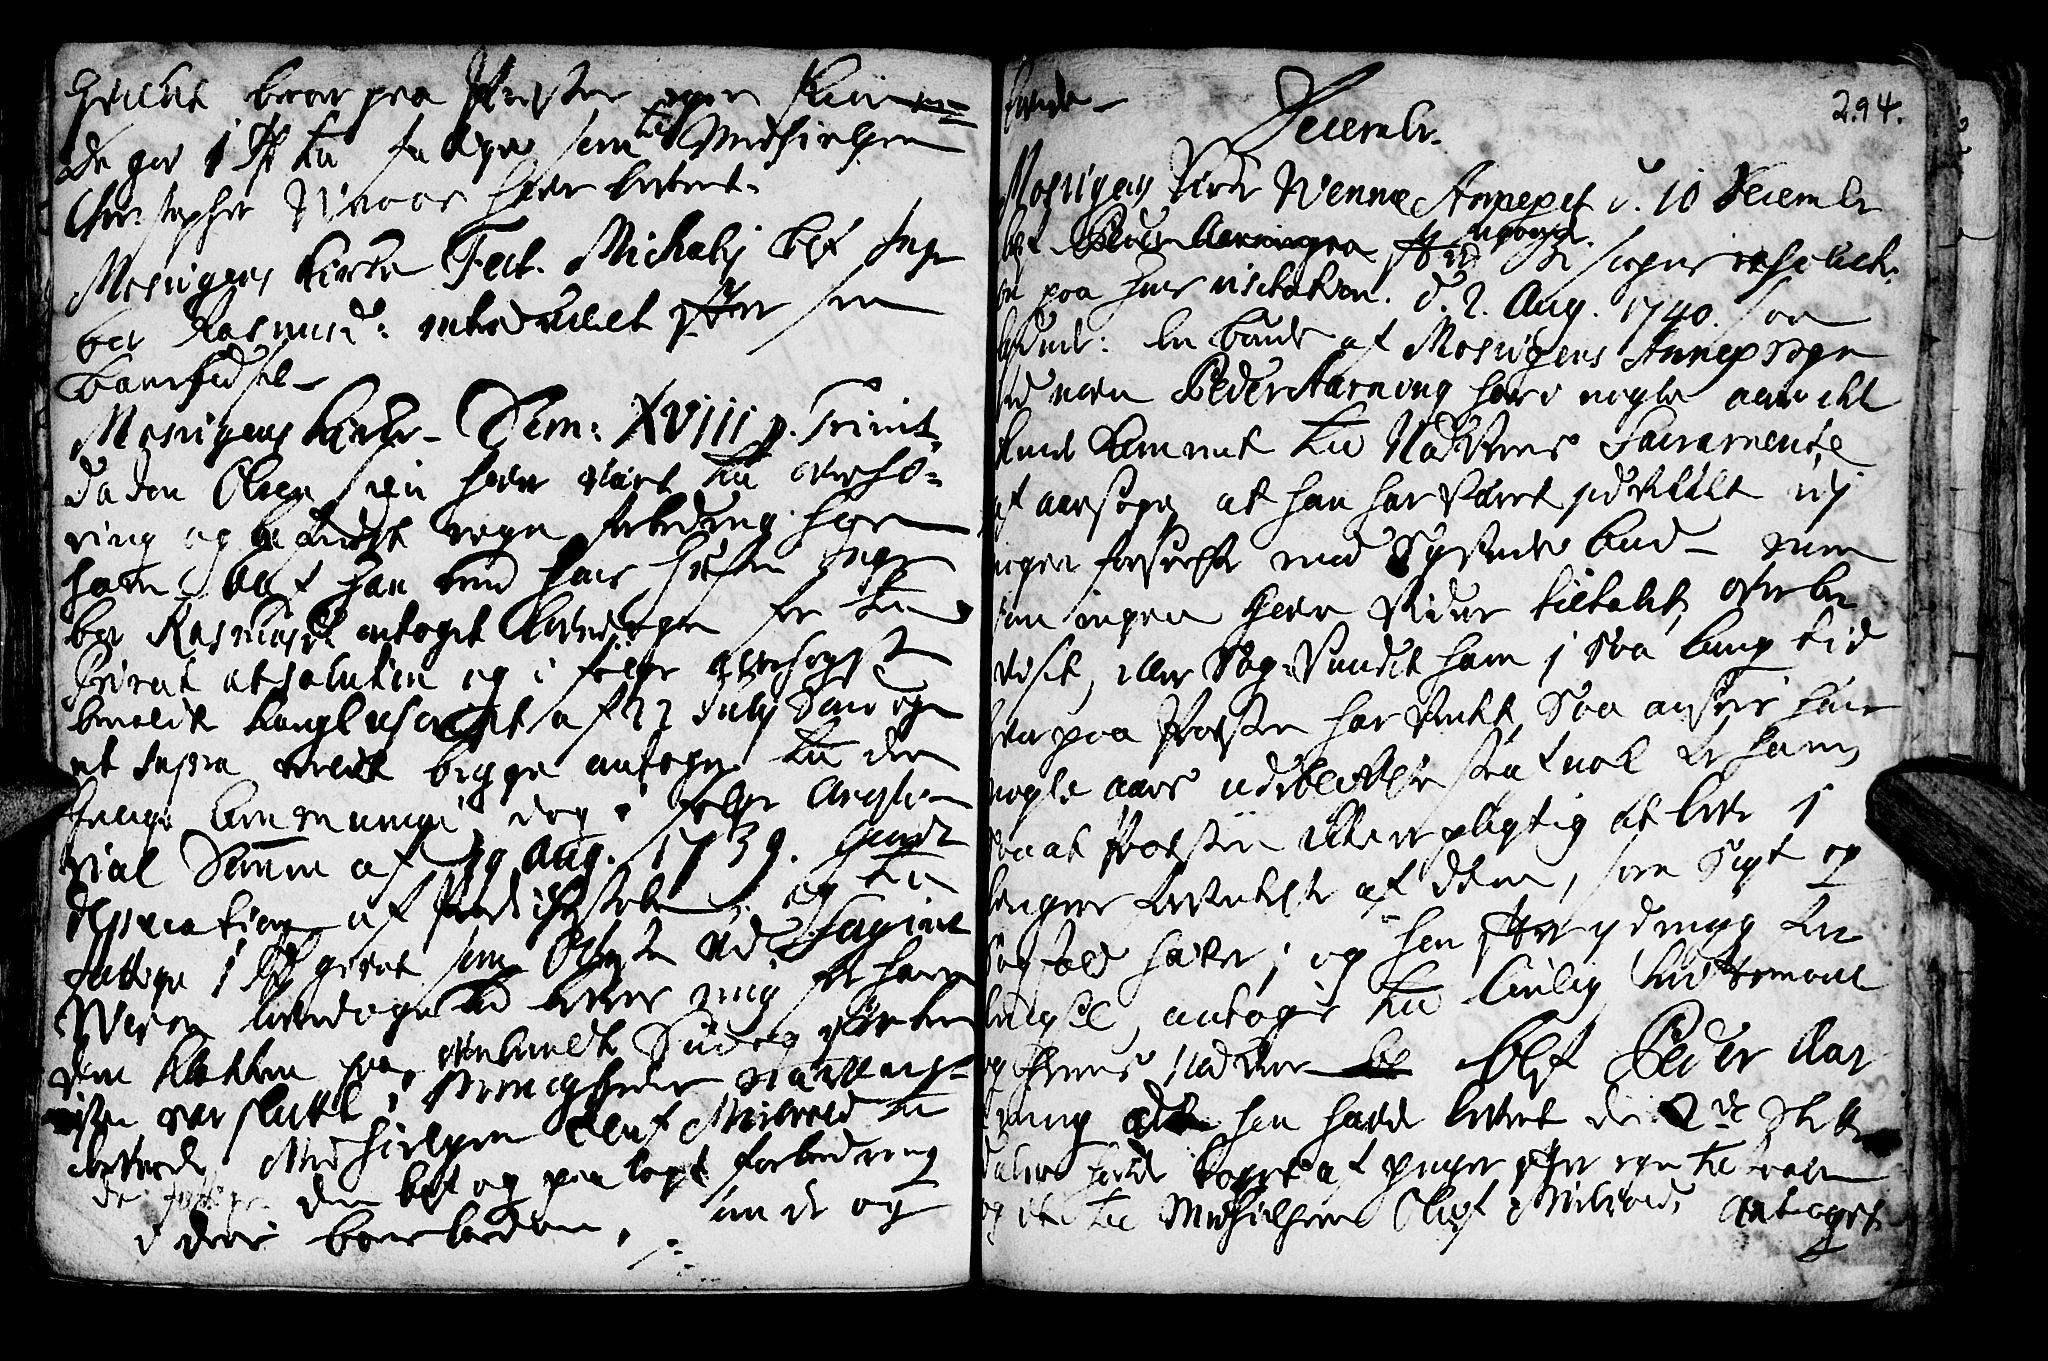 SAT, Ministerialprotokoller, klokkerbøker og fødselsregistre - Nord-Trøndelag, 722/L0215: Ministerialbok nr. 722A02, 1718-1755, s. 294